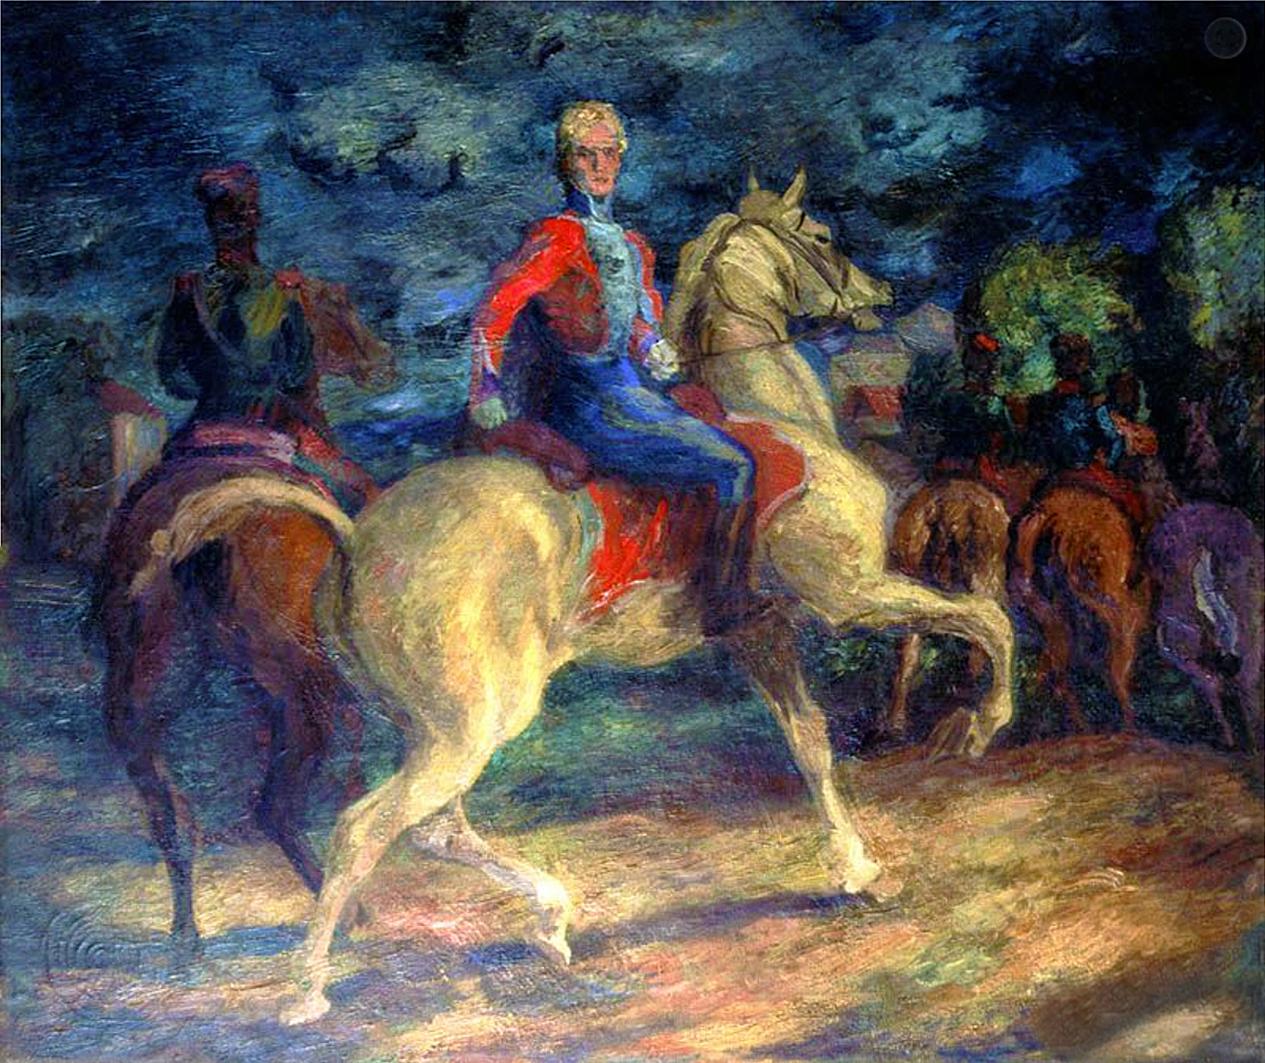 Євген Гепперт. Вершники, 1939; полотно, олія